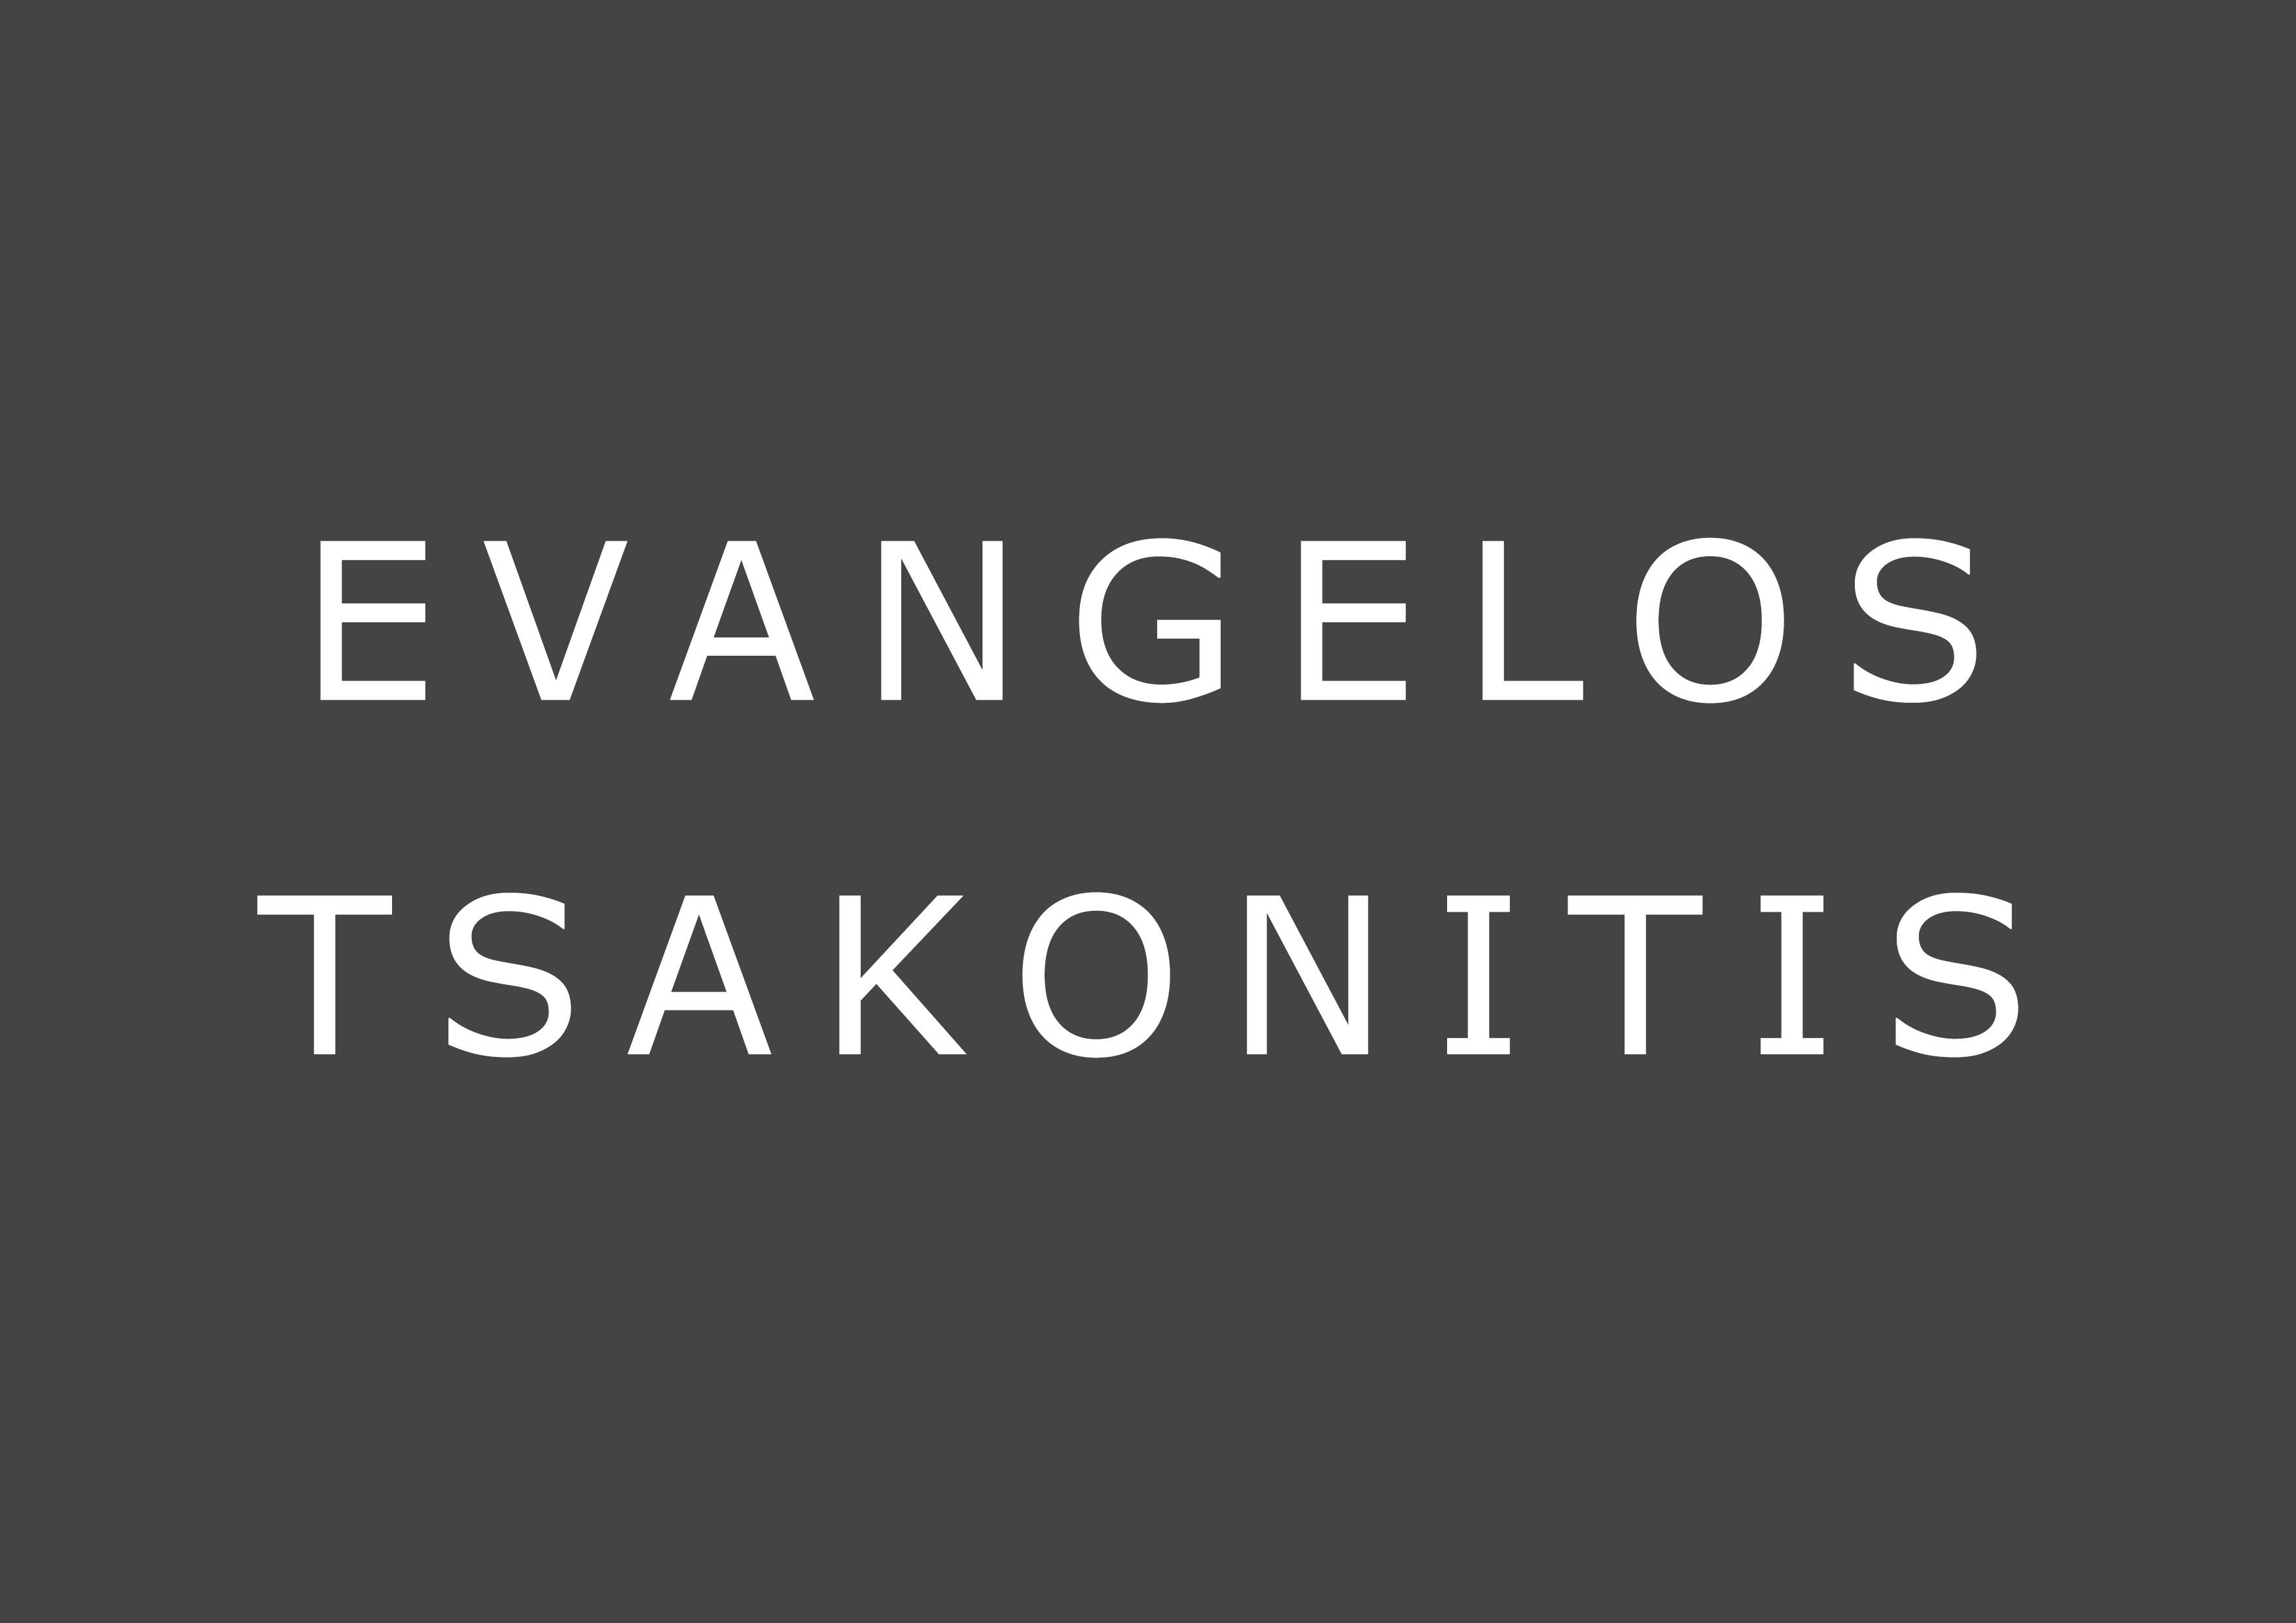 EVANGELOS TSAKONITIS